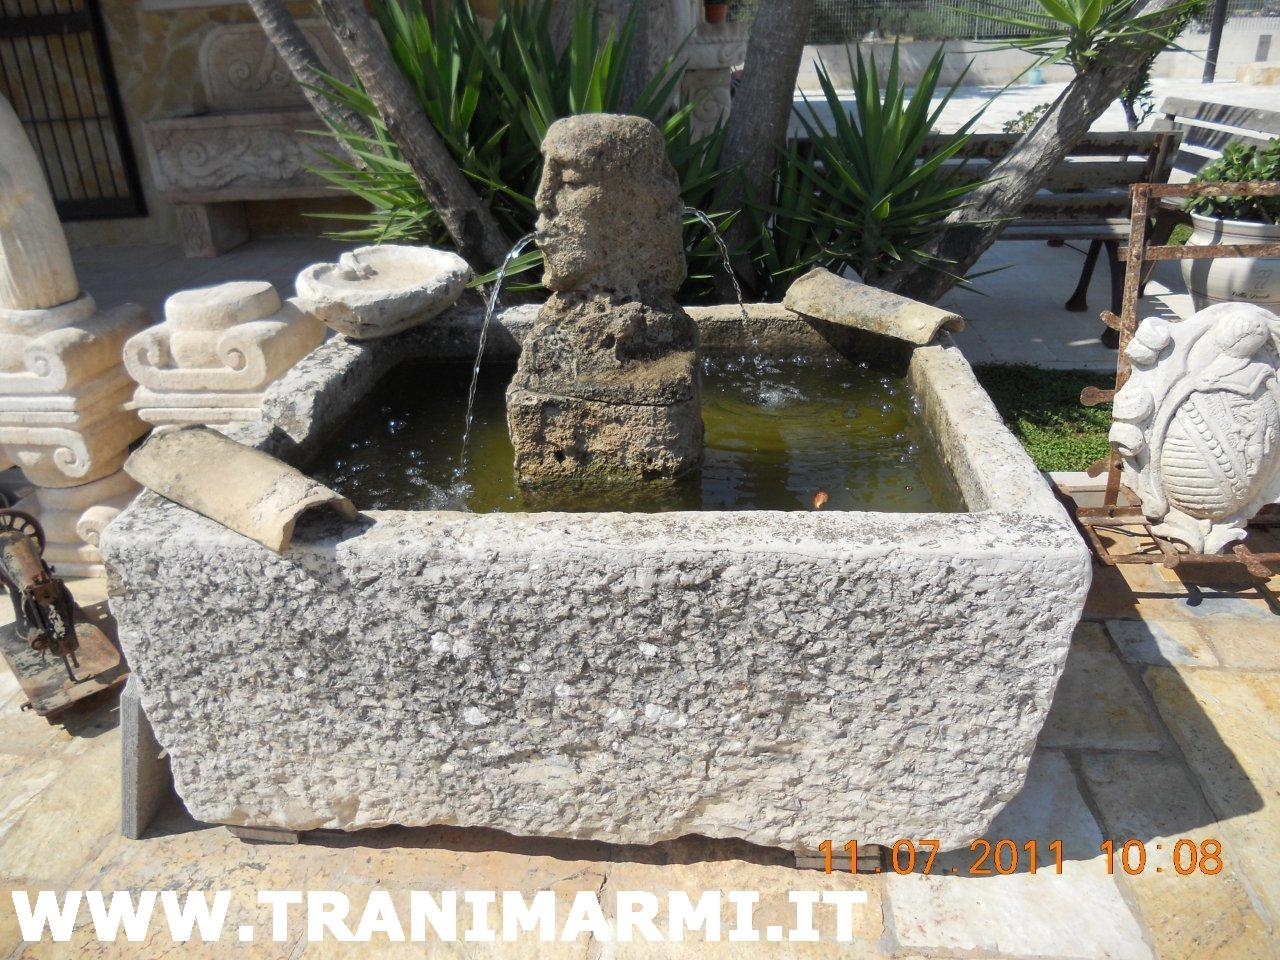 Trani marmi s r l lavorazione della pietra di trani for Fontane antiche